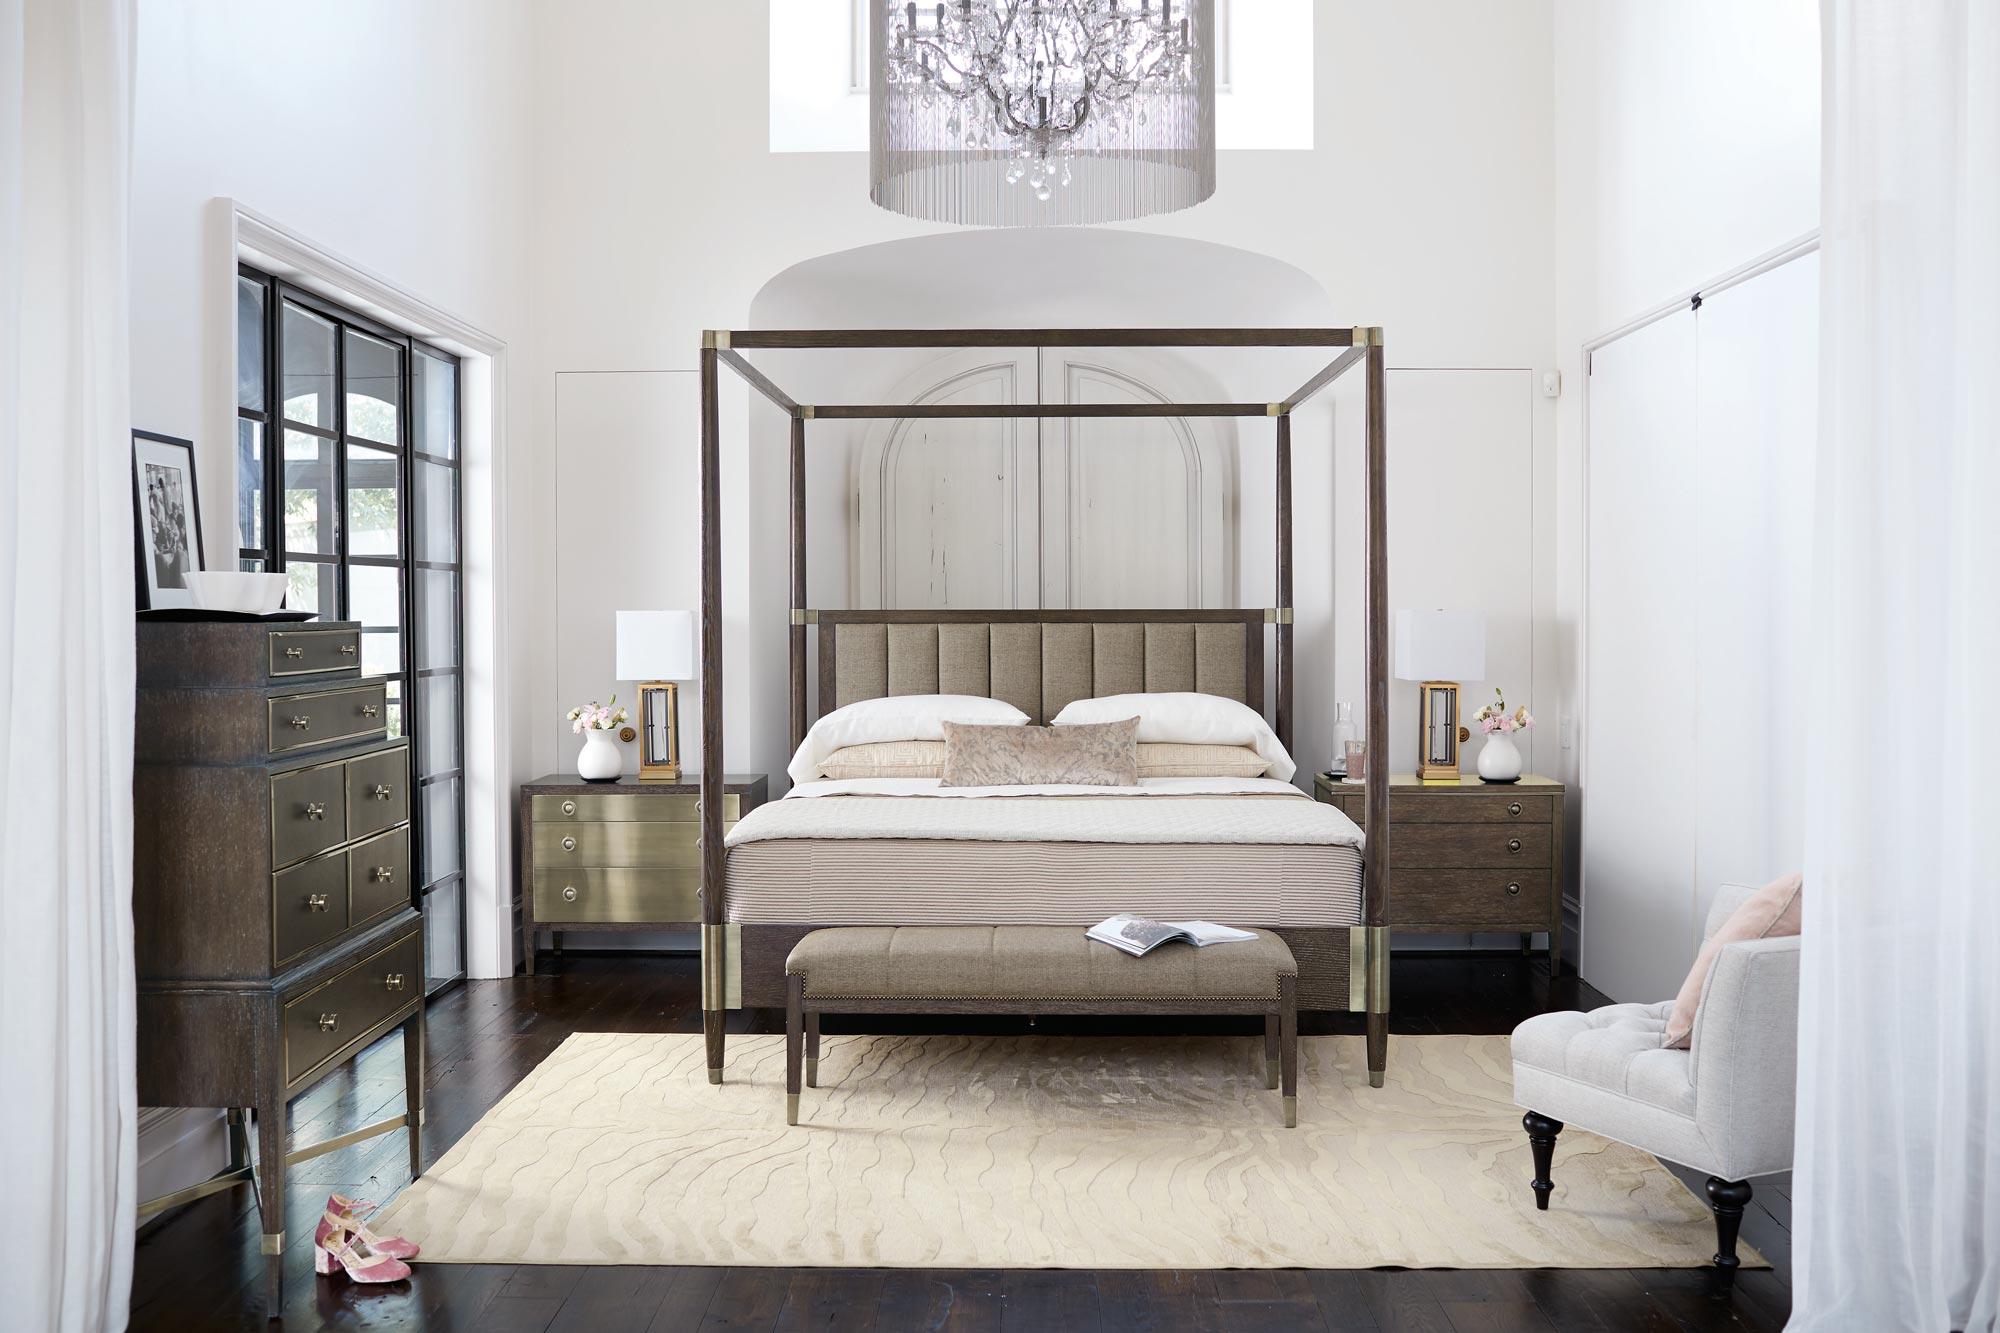 Transitional bedroom 7.jpg